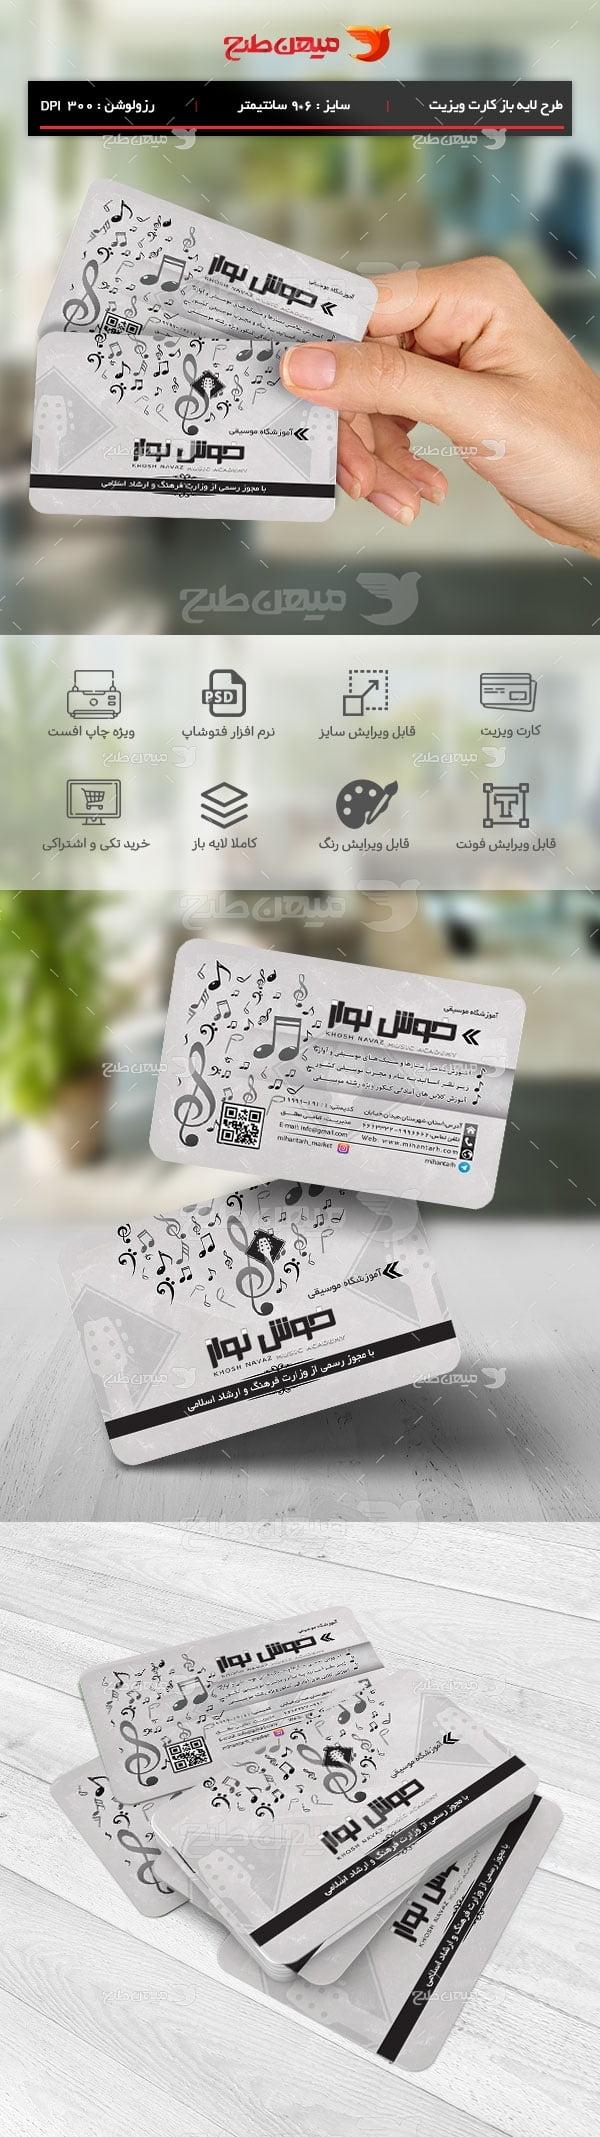 طرح کارت ویزیت آموزشگاه موسیقی012